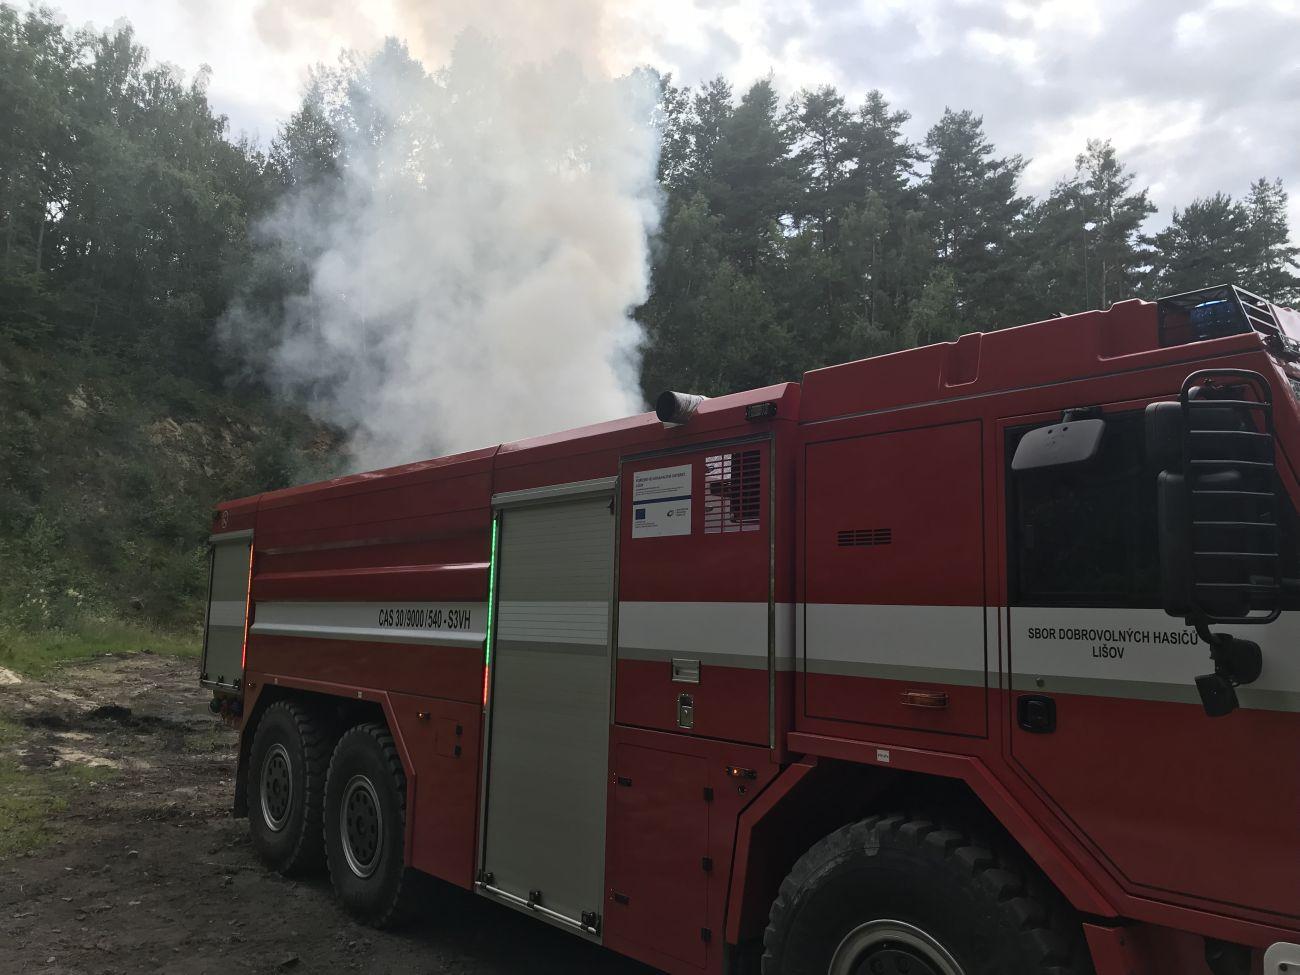 Požár Čánkov (dohašování pálení)